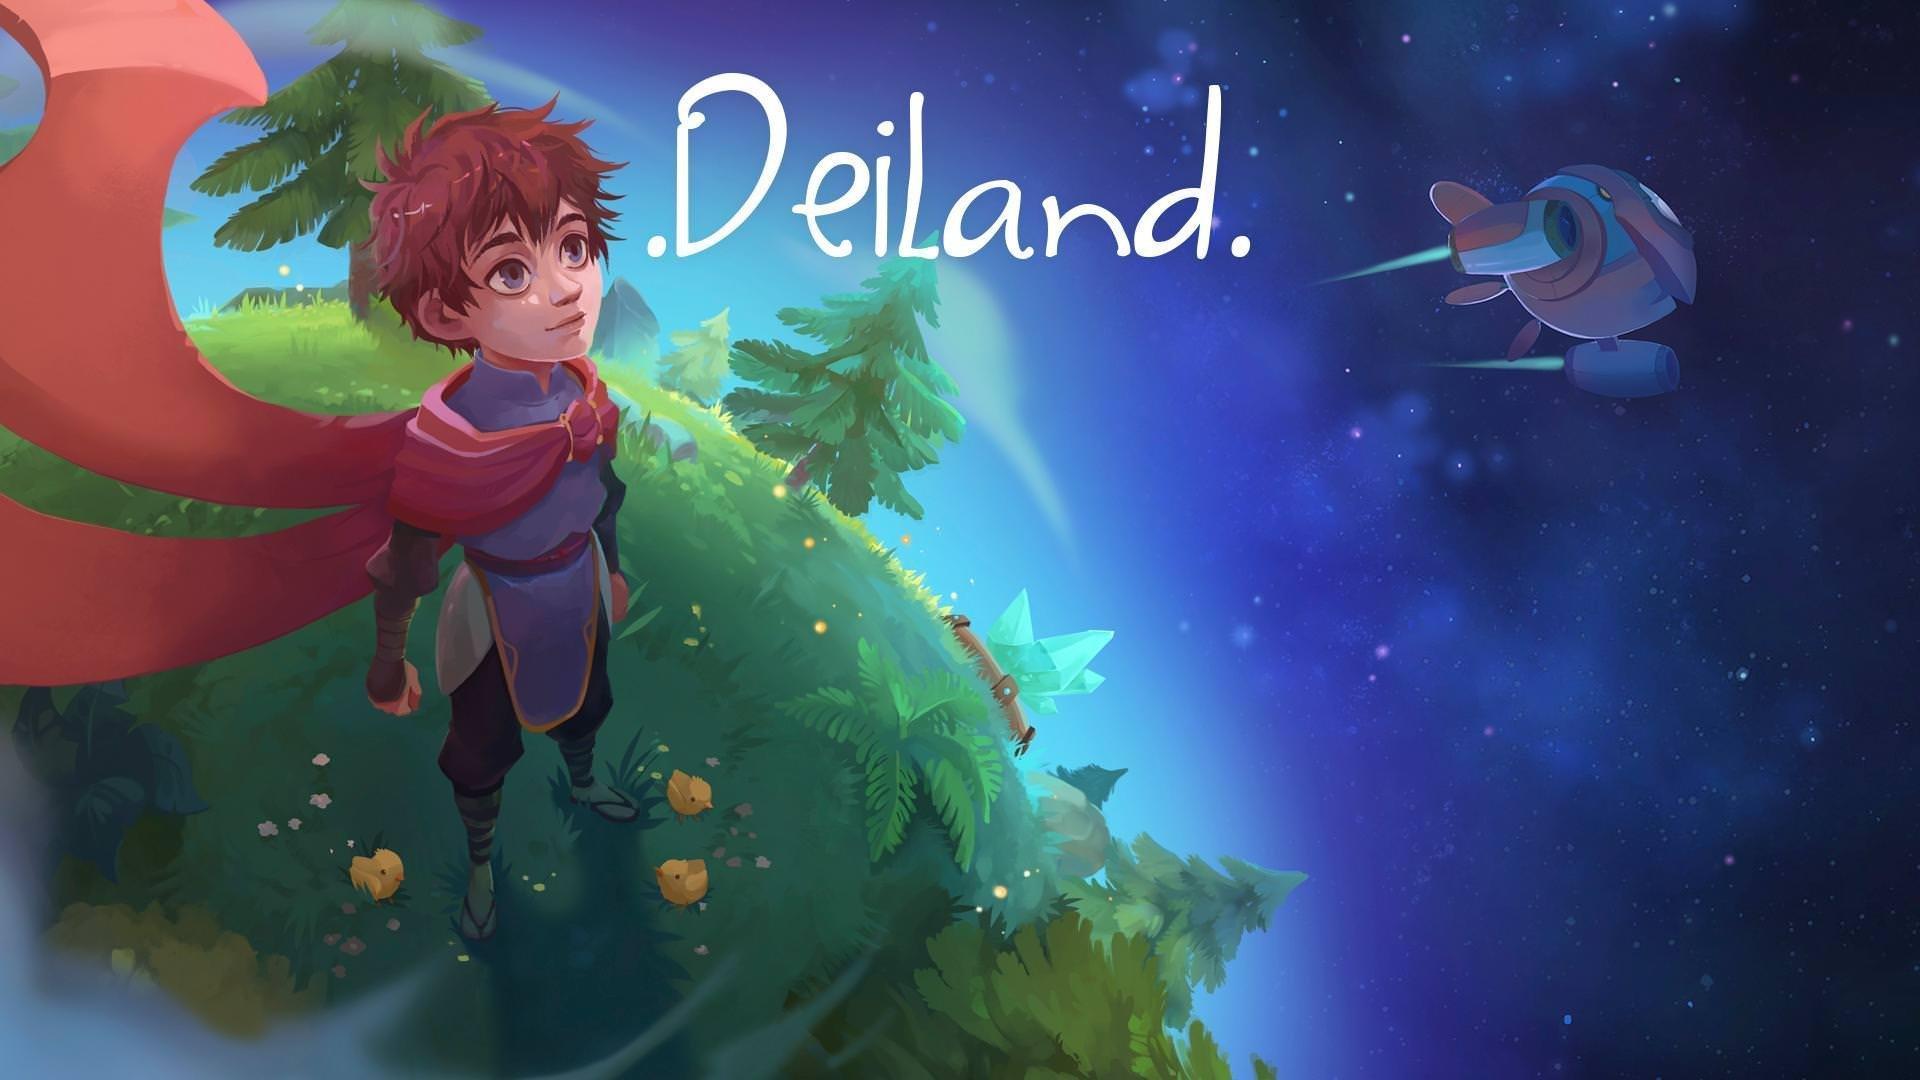 Халява: в Steam бесплатно и навсегда раздают RPG Deiland